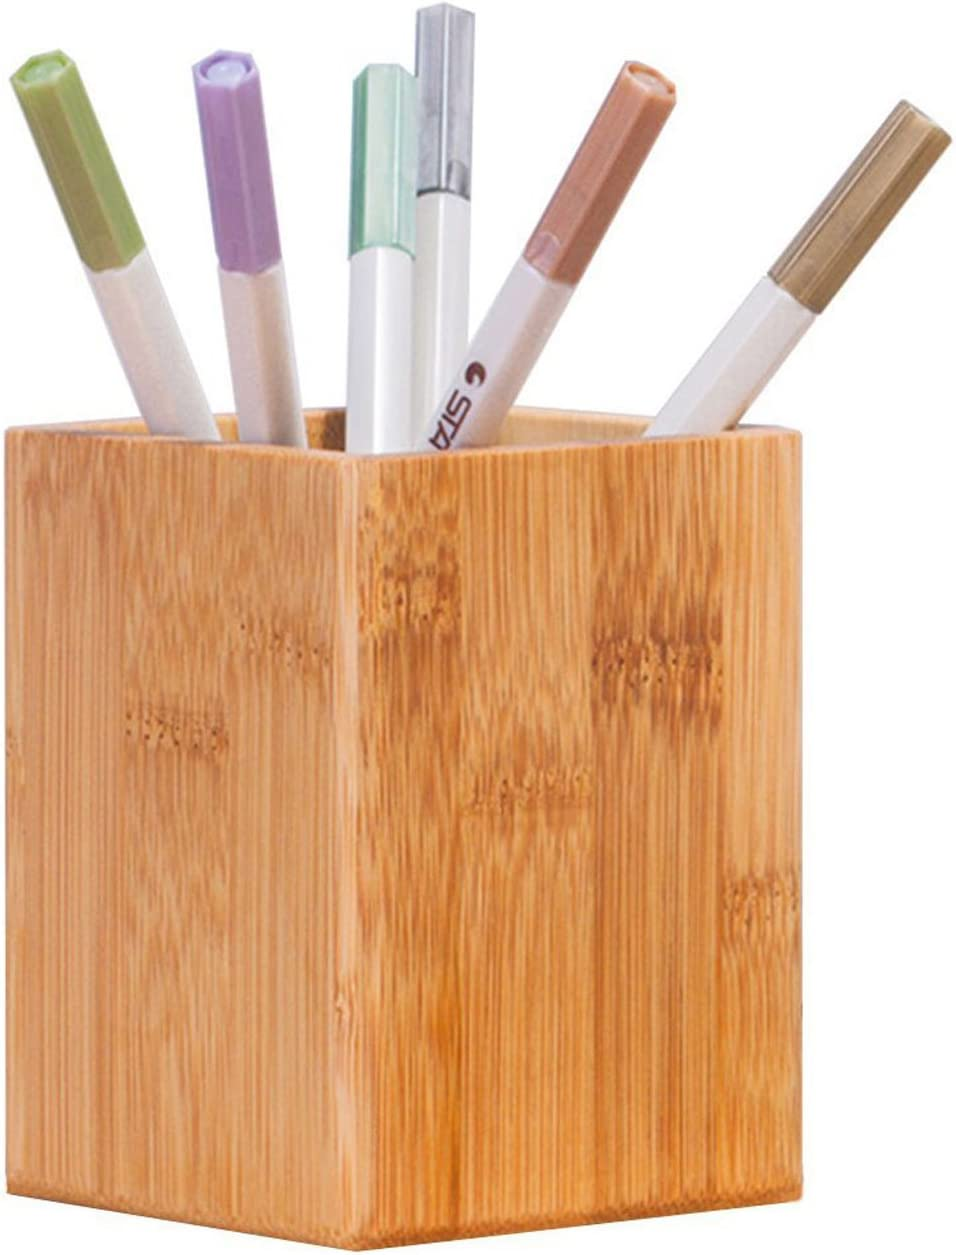 Bamboo Wood Desktop Pen Pencil Holder, Makeup Brush Cup, Office Supplies Organizer Caddy -Owlgift